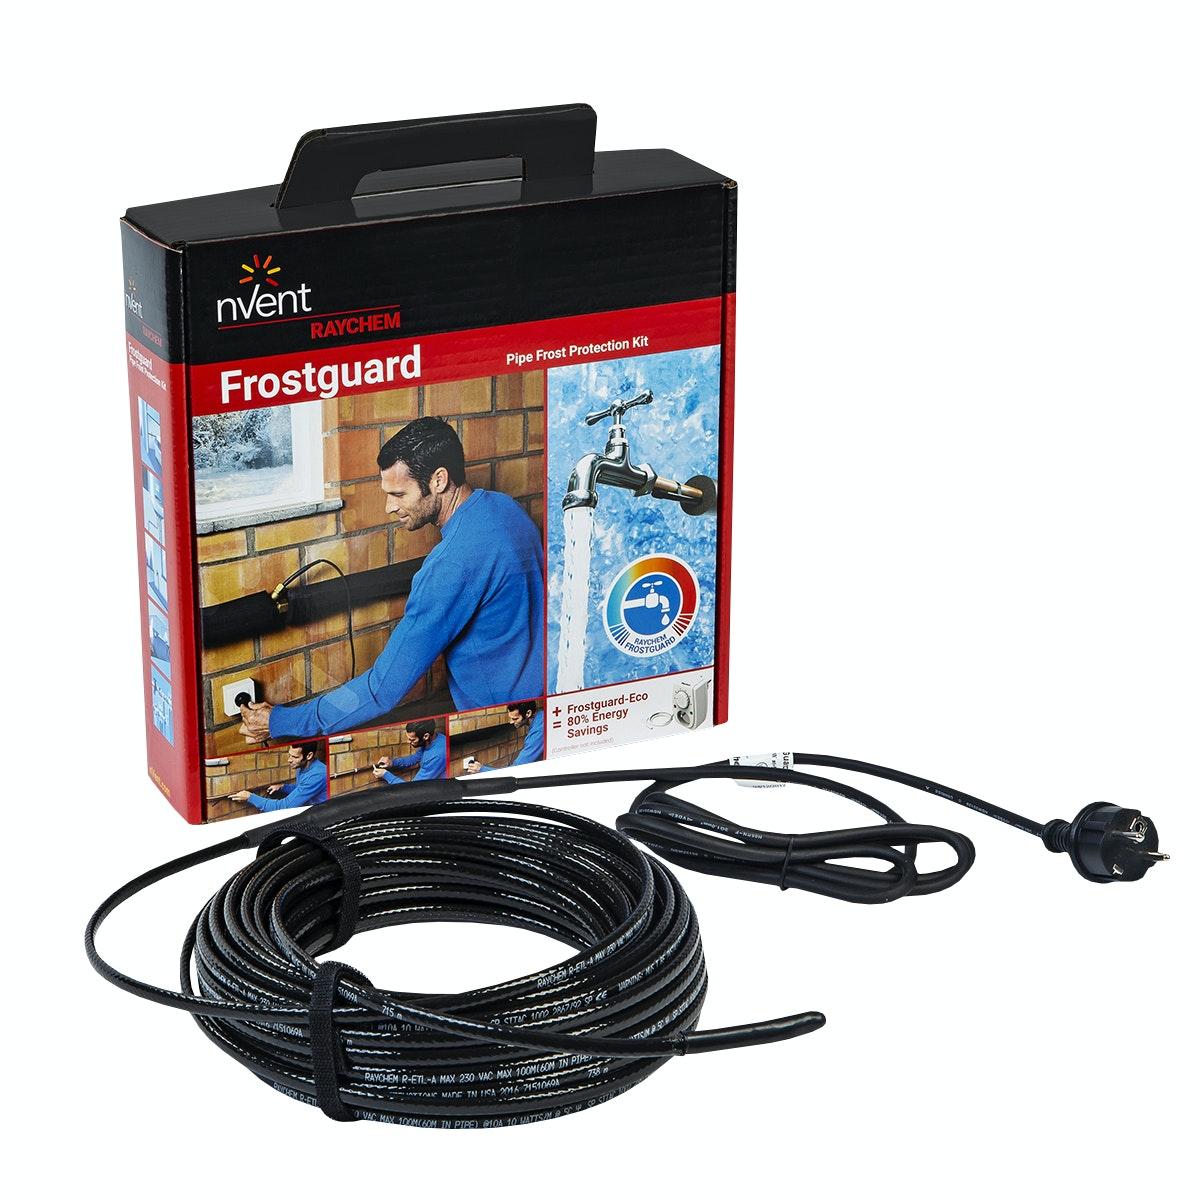 Värmekabel Frostguard T2 6M